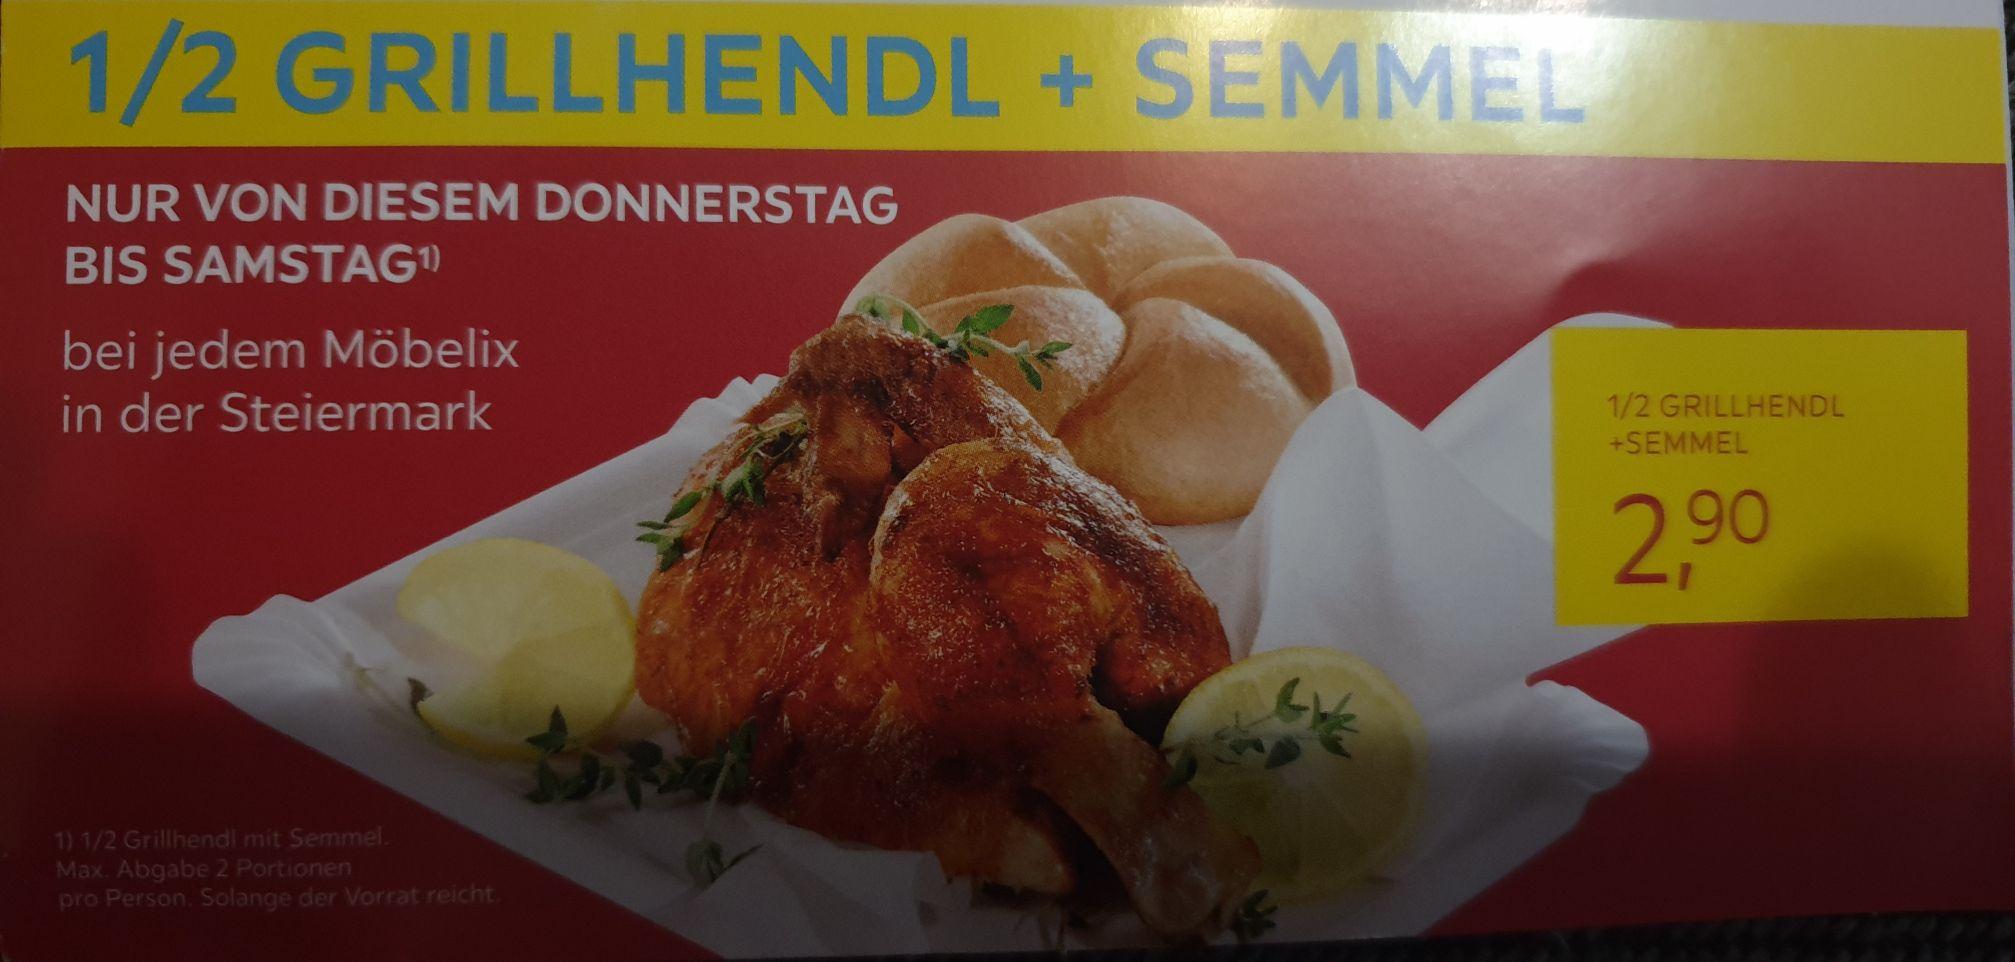 1/2 Grillhendl + Semmel um € 2.90 bei jedem Möbelix in der Steiermark